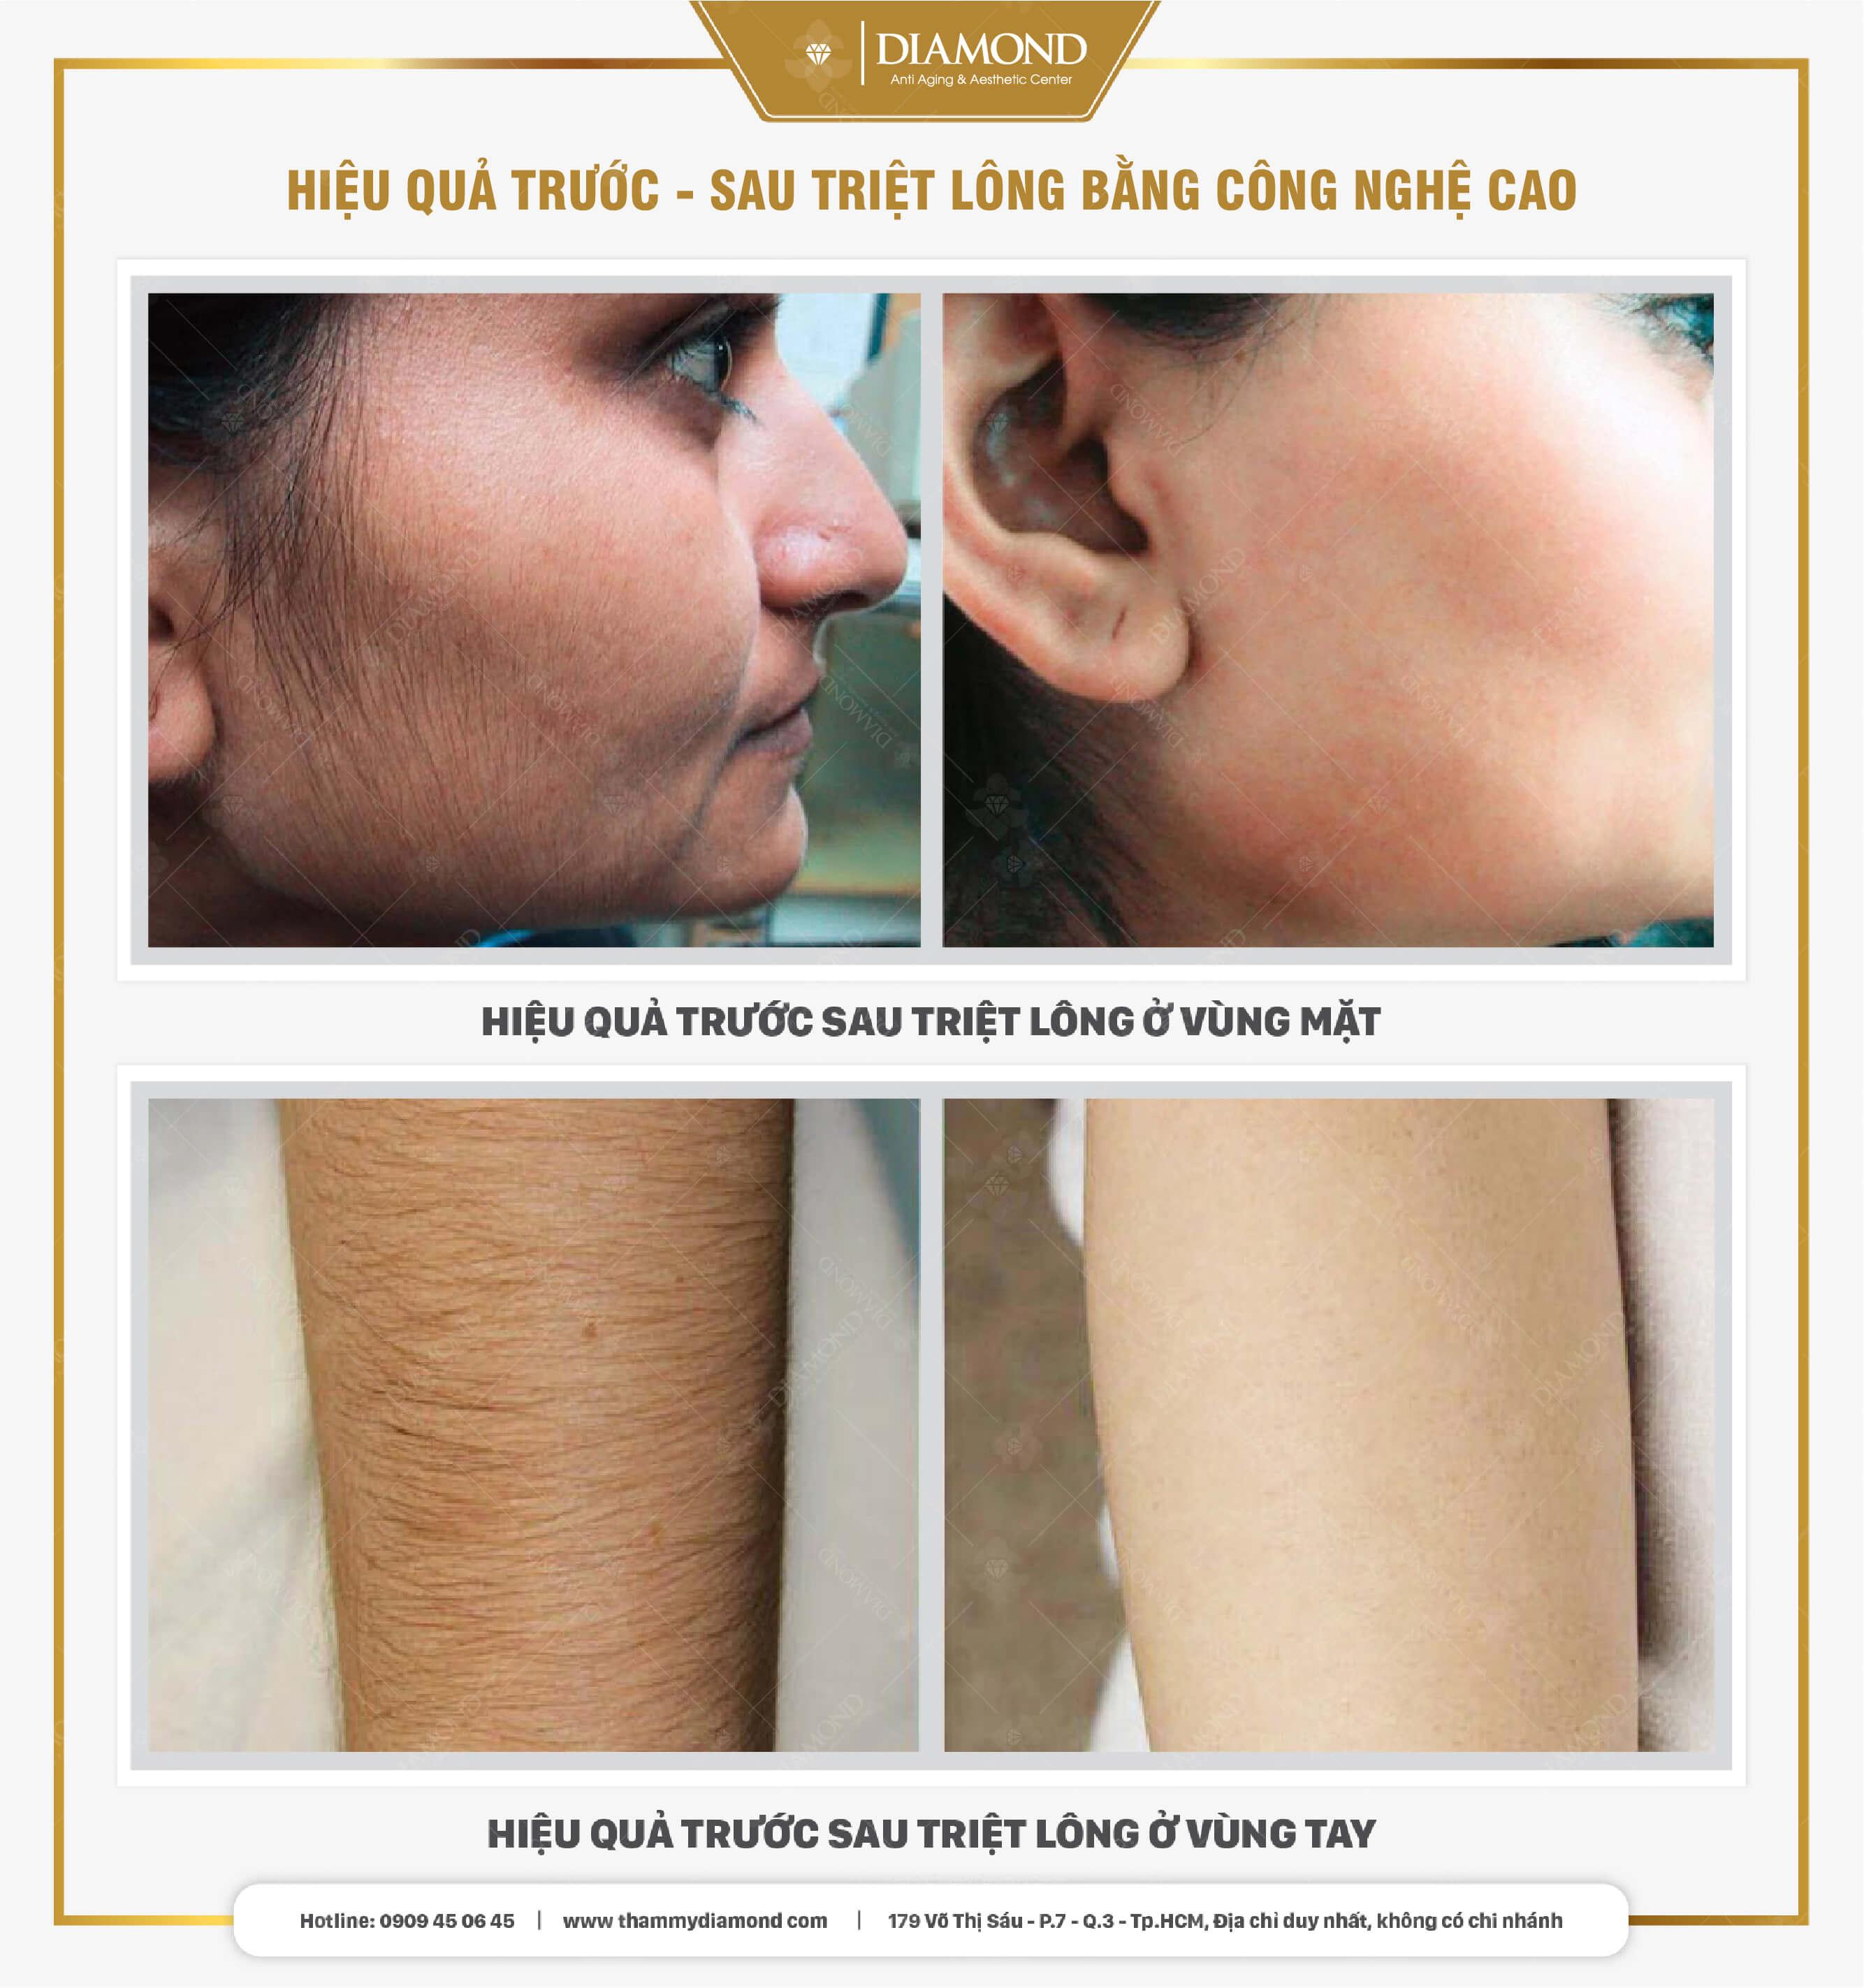 Hiệu quả triệt lông bằng công nghệ cao mặt, nách